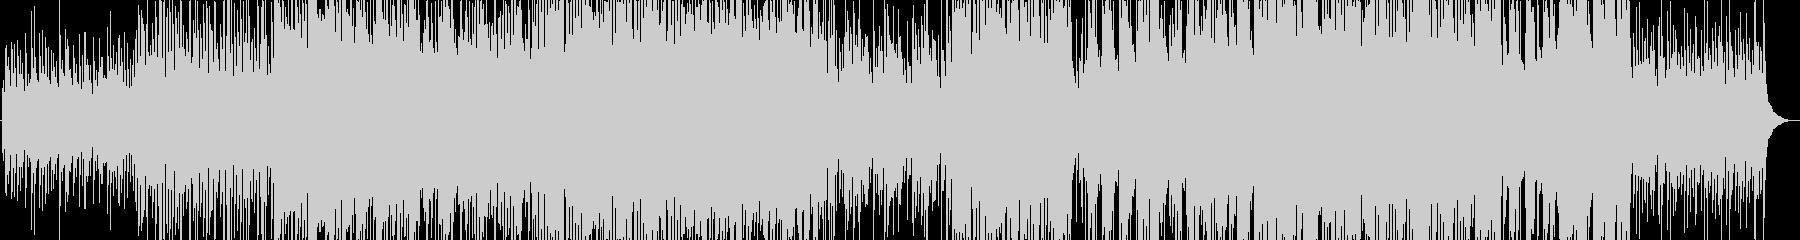 3拍子ワルツの穏やかエレクトロニカです。の未再生の波形